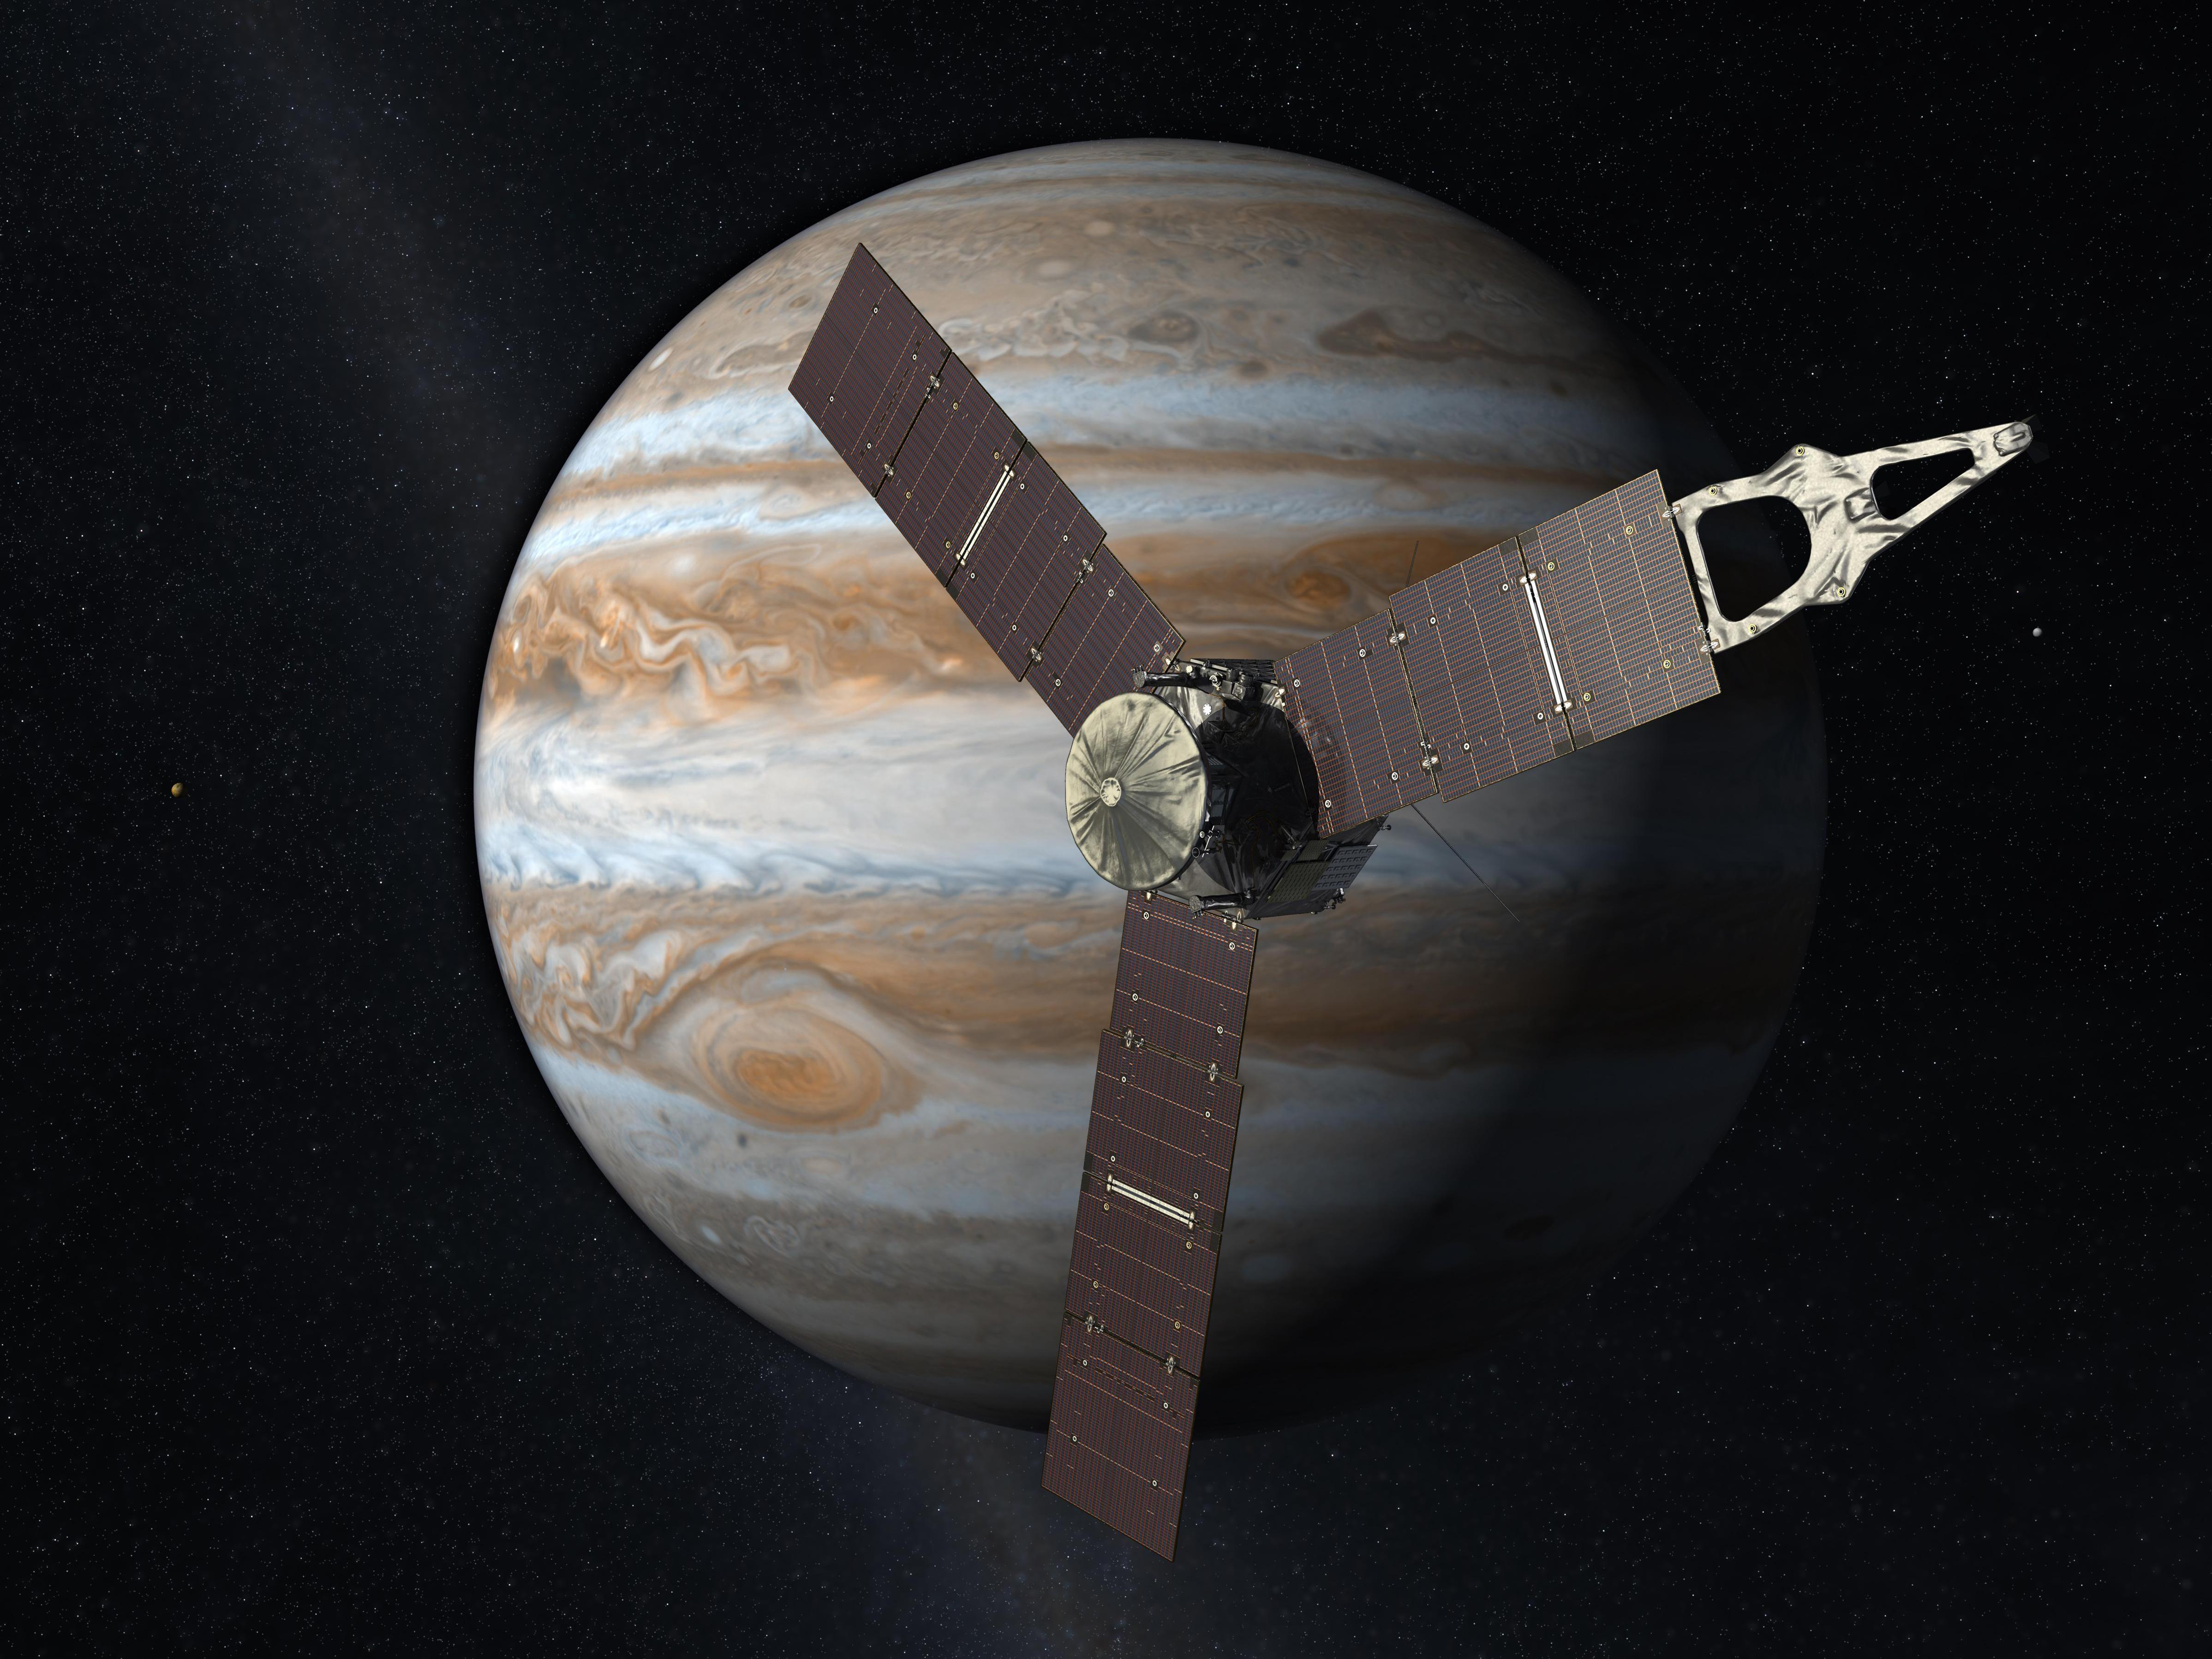 spacecraft jupiter - photo #35